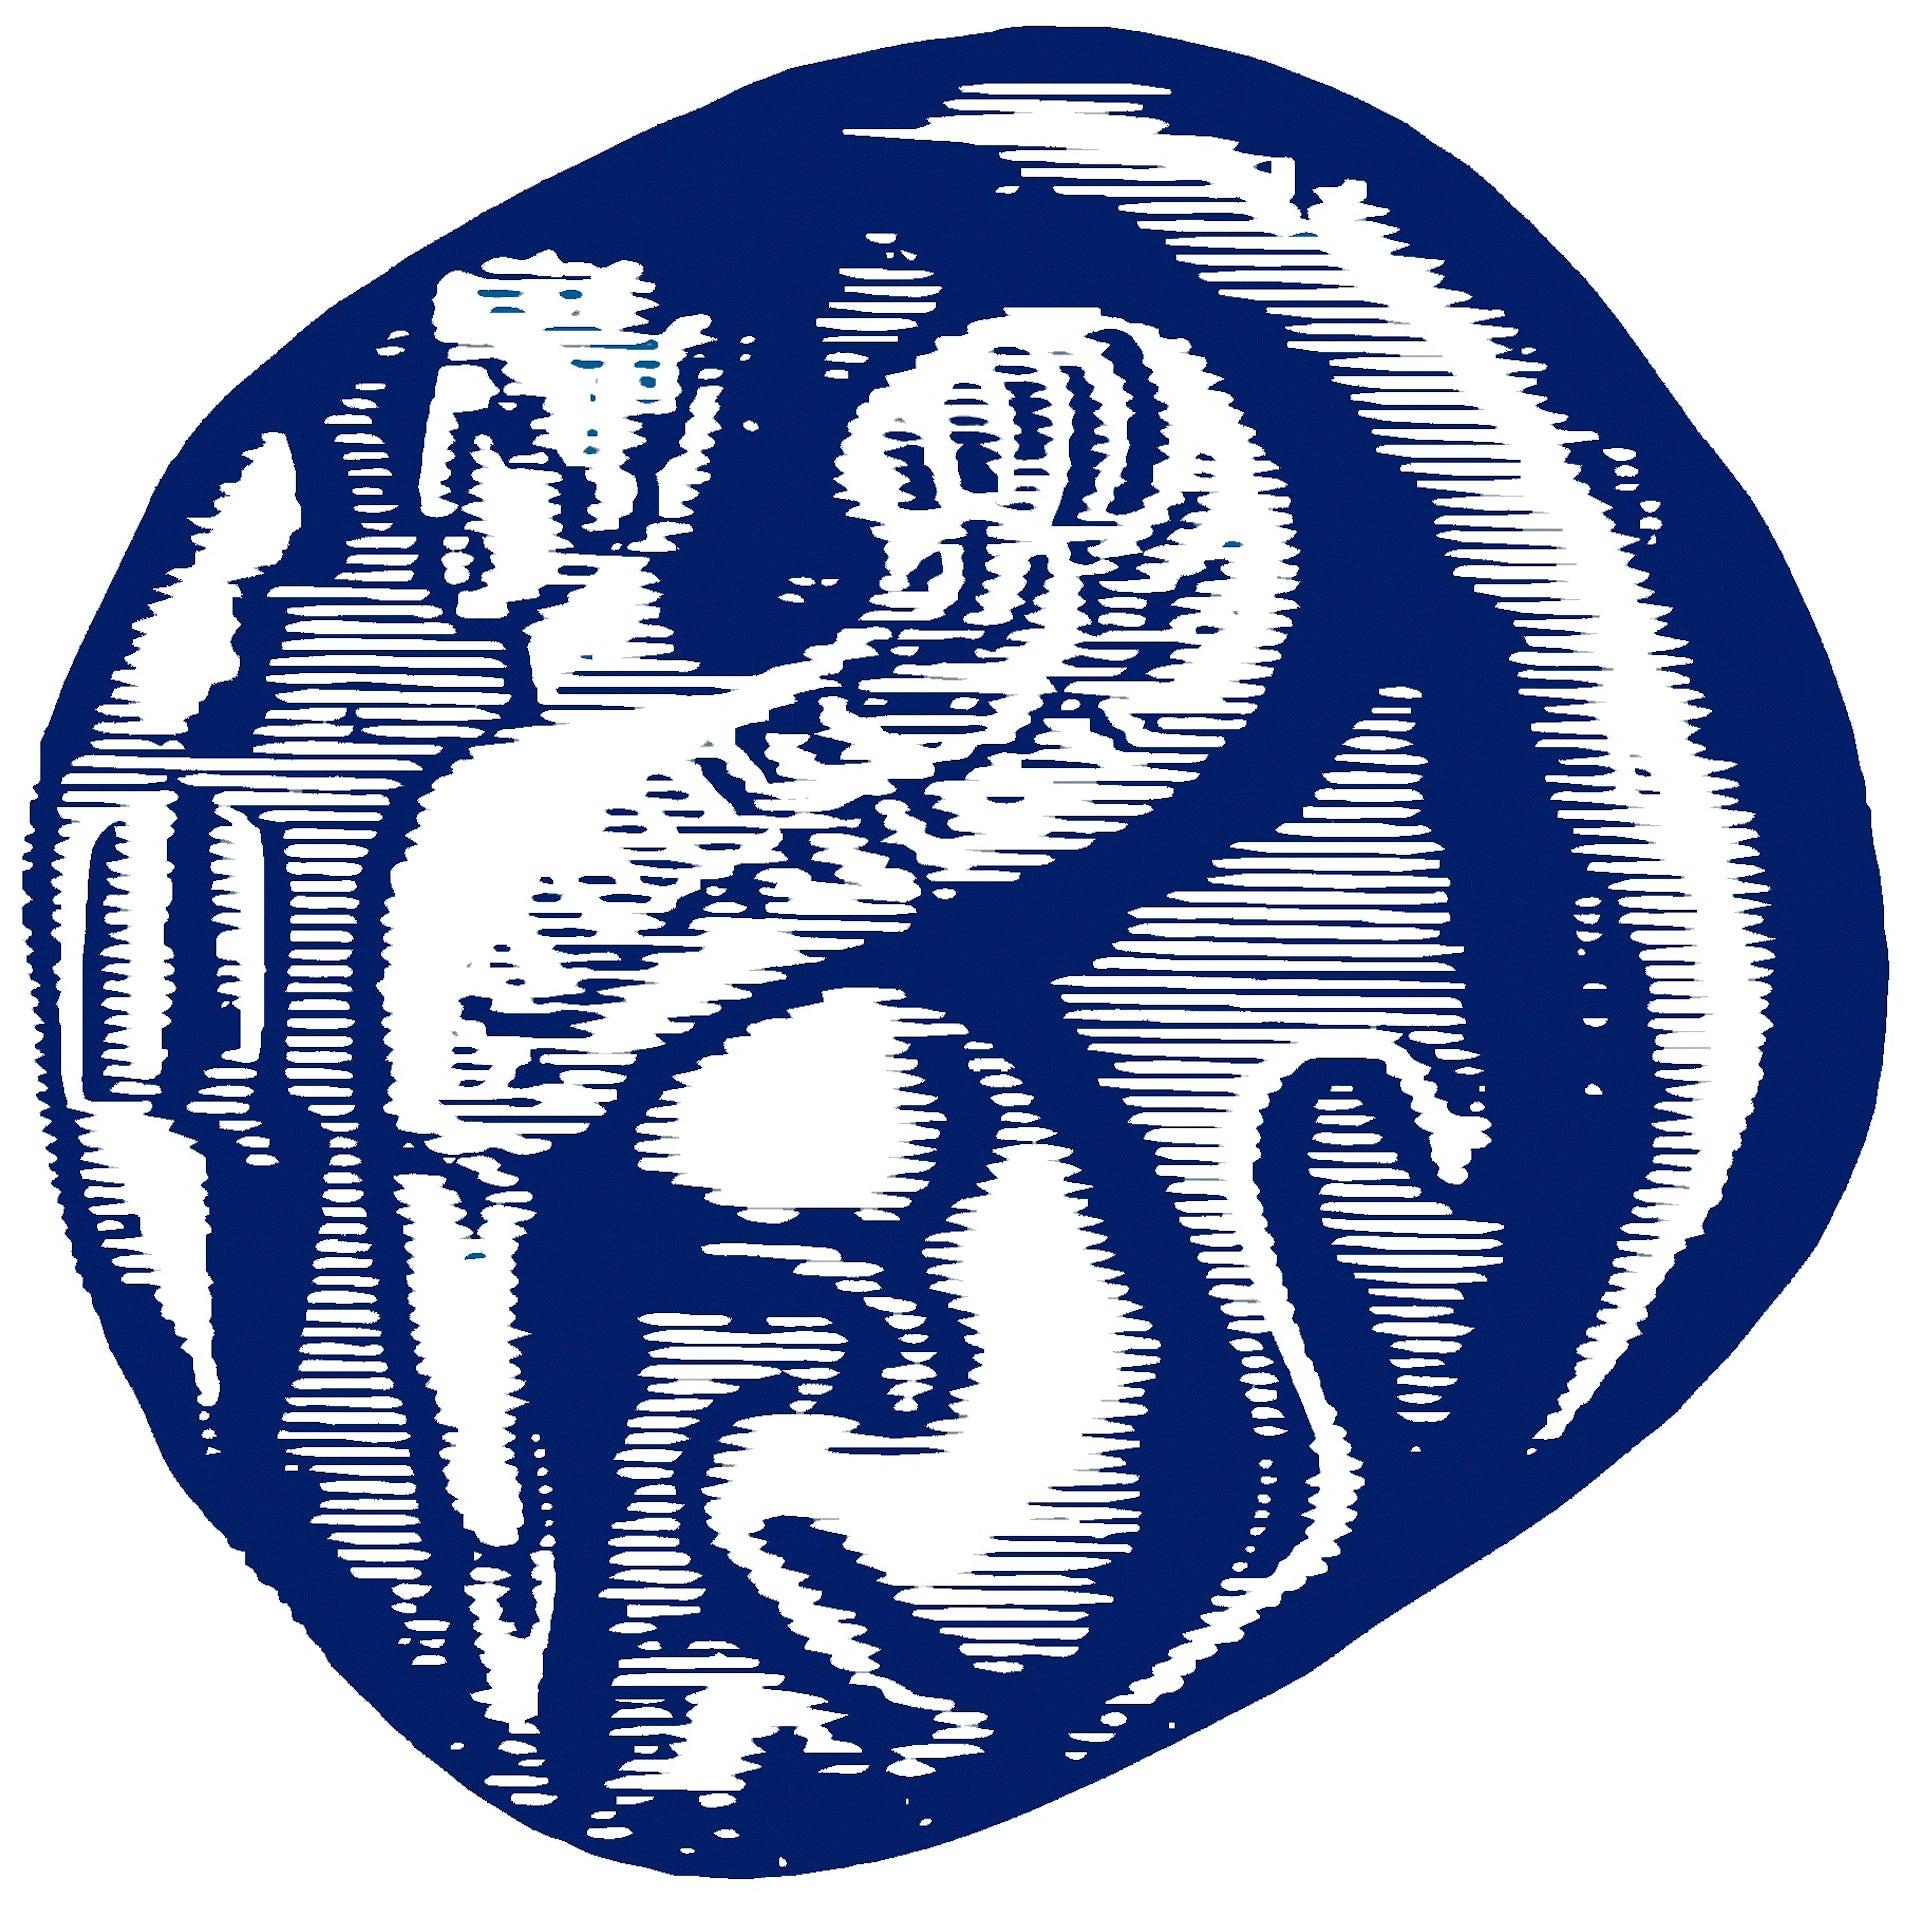 Logo 1519877040.jpg?ixlib=rb 1.1